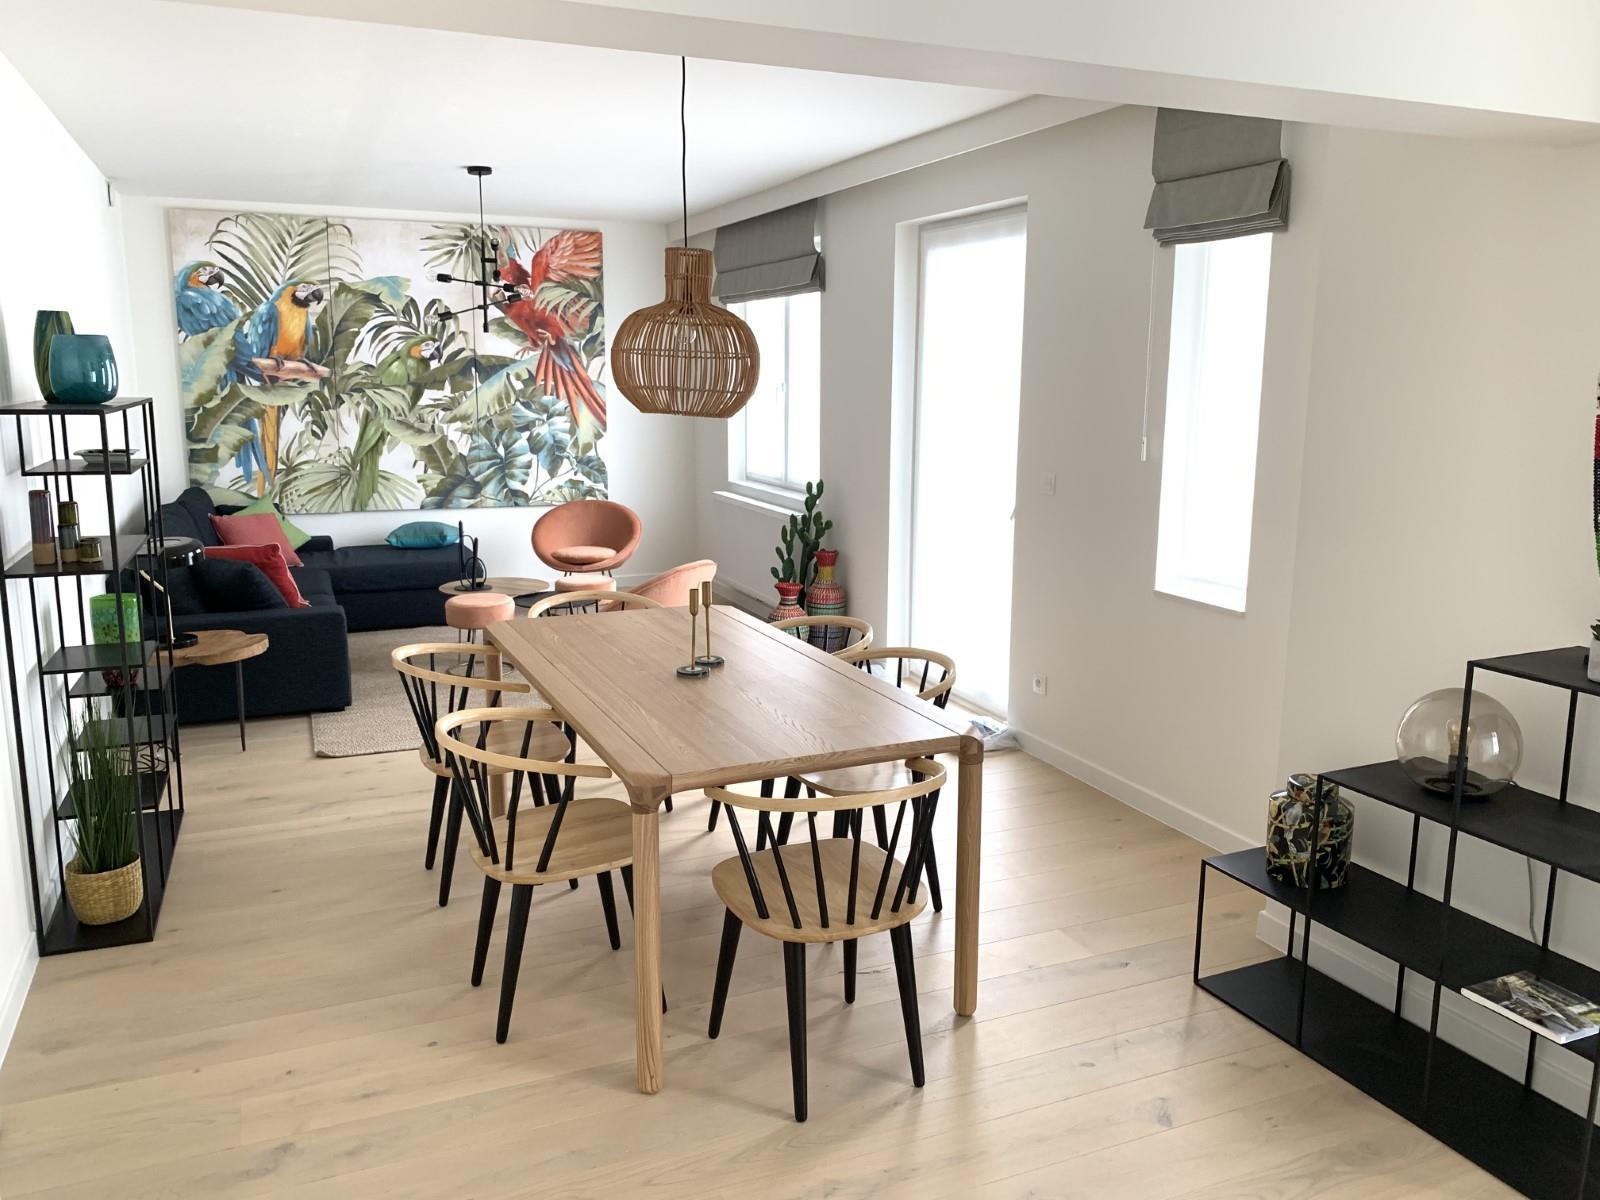 Appartement exceptionnel - Schaerbeek - #3827674-0